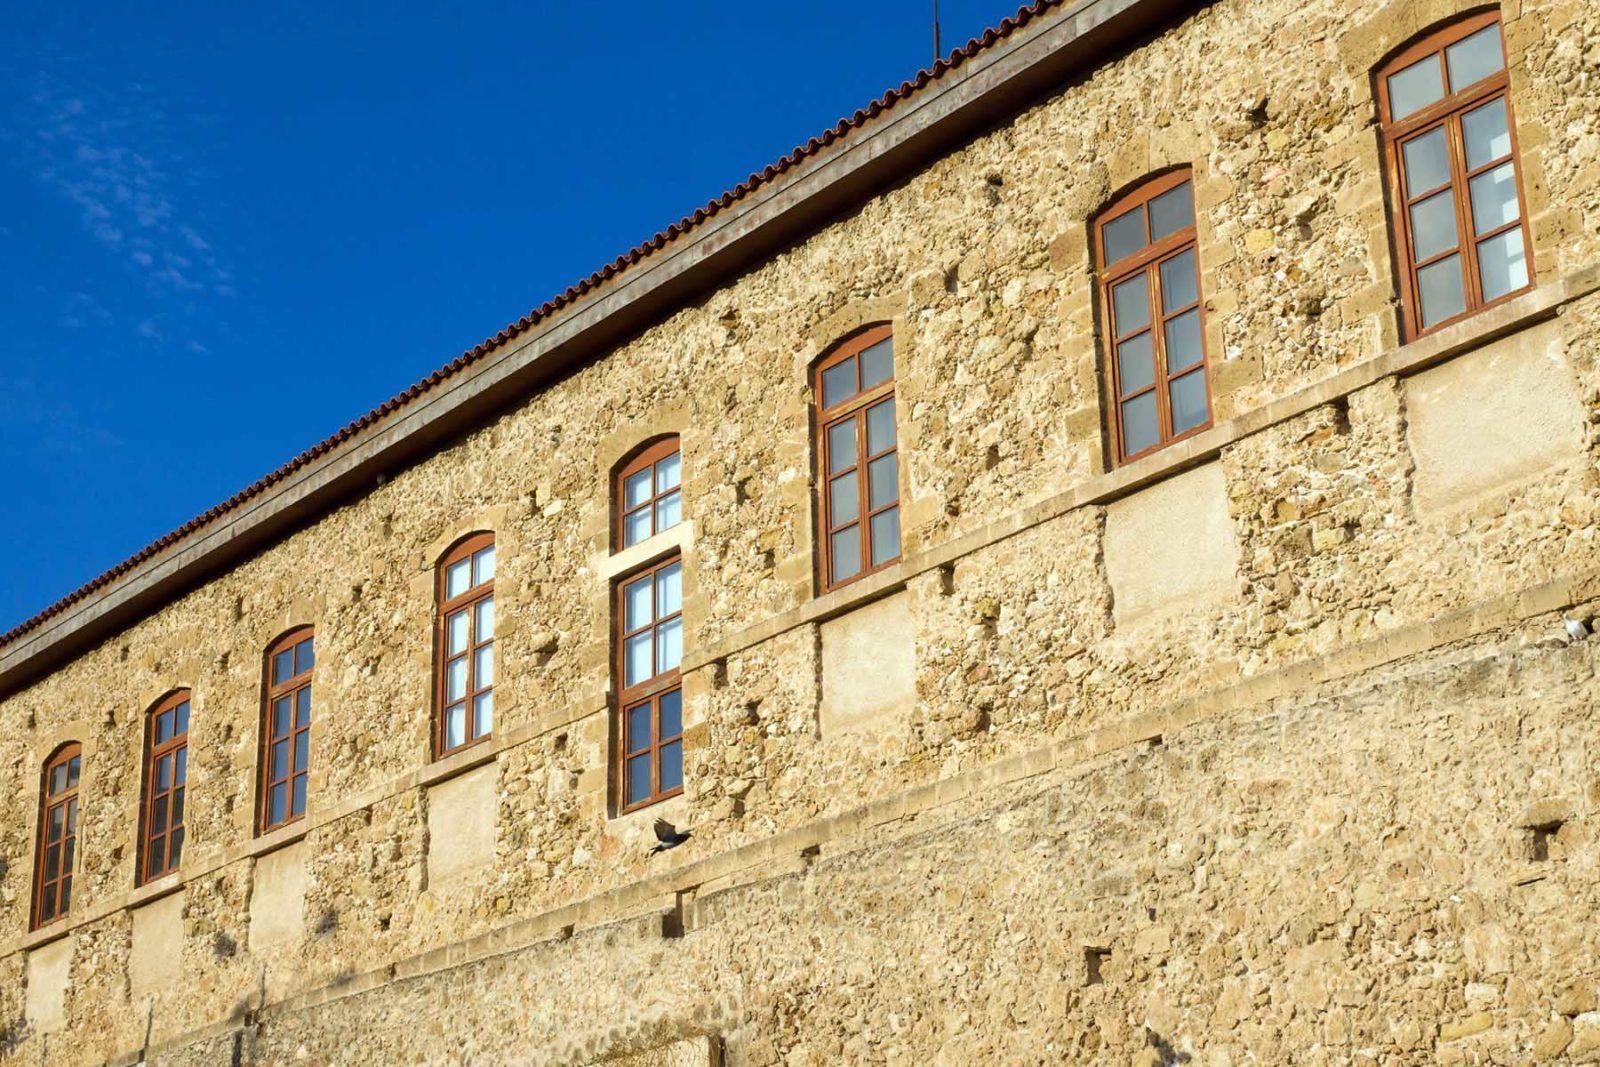 αξιζει να δειτε στα χανια - Tarra Hotel Γεωργιούπολη Κρήτη